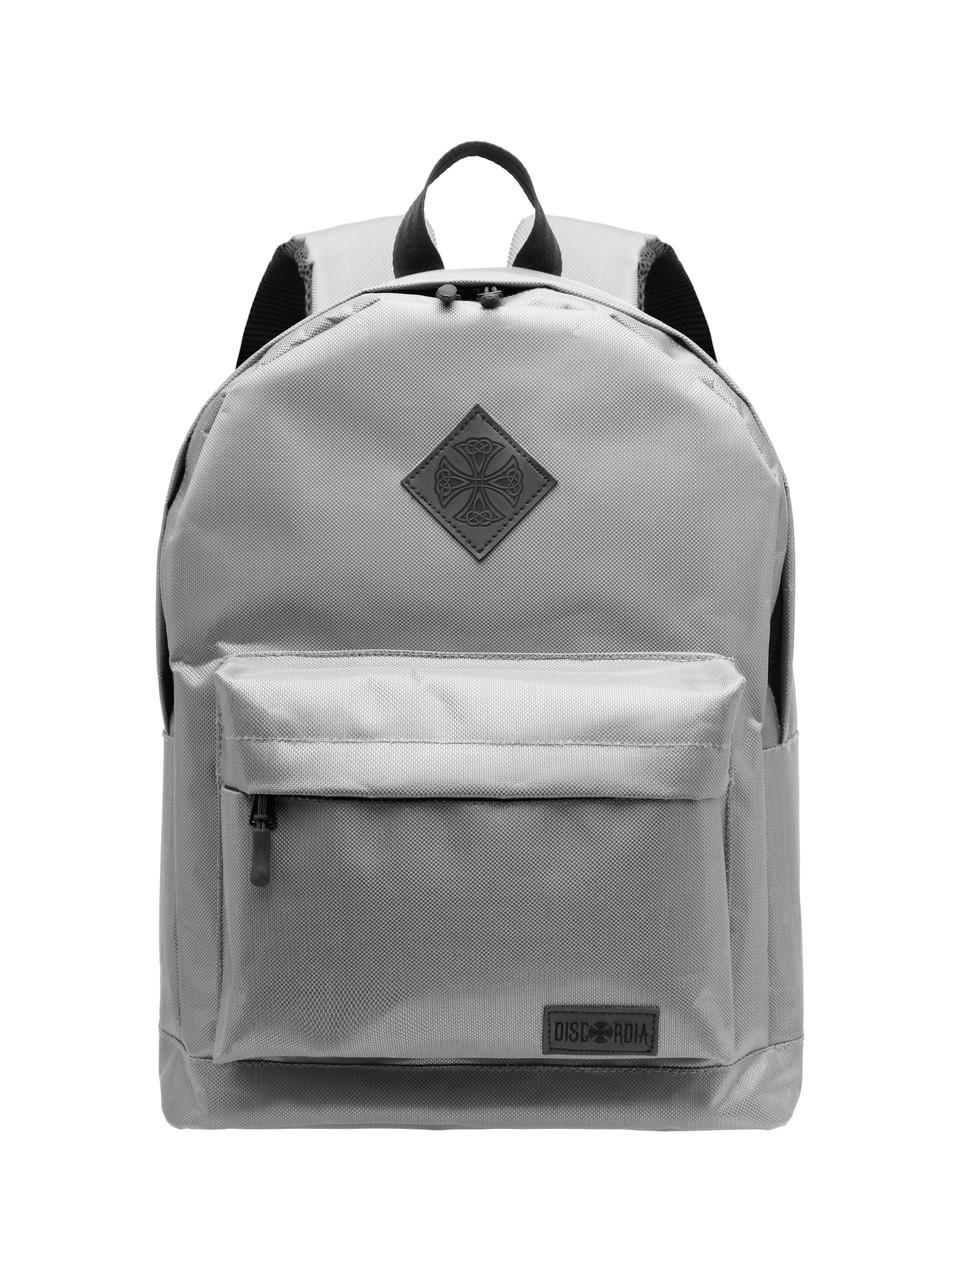 1ecaf719e460 Городской рюкзак школьный Discordia 14л. серый Vanilla Underground (мужской  рюкзак, женский рюкзак,